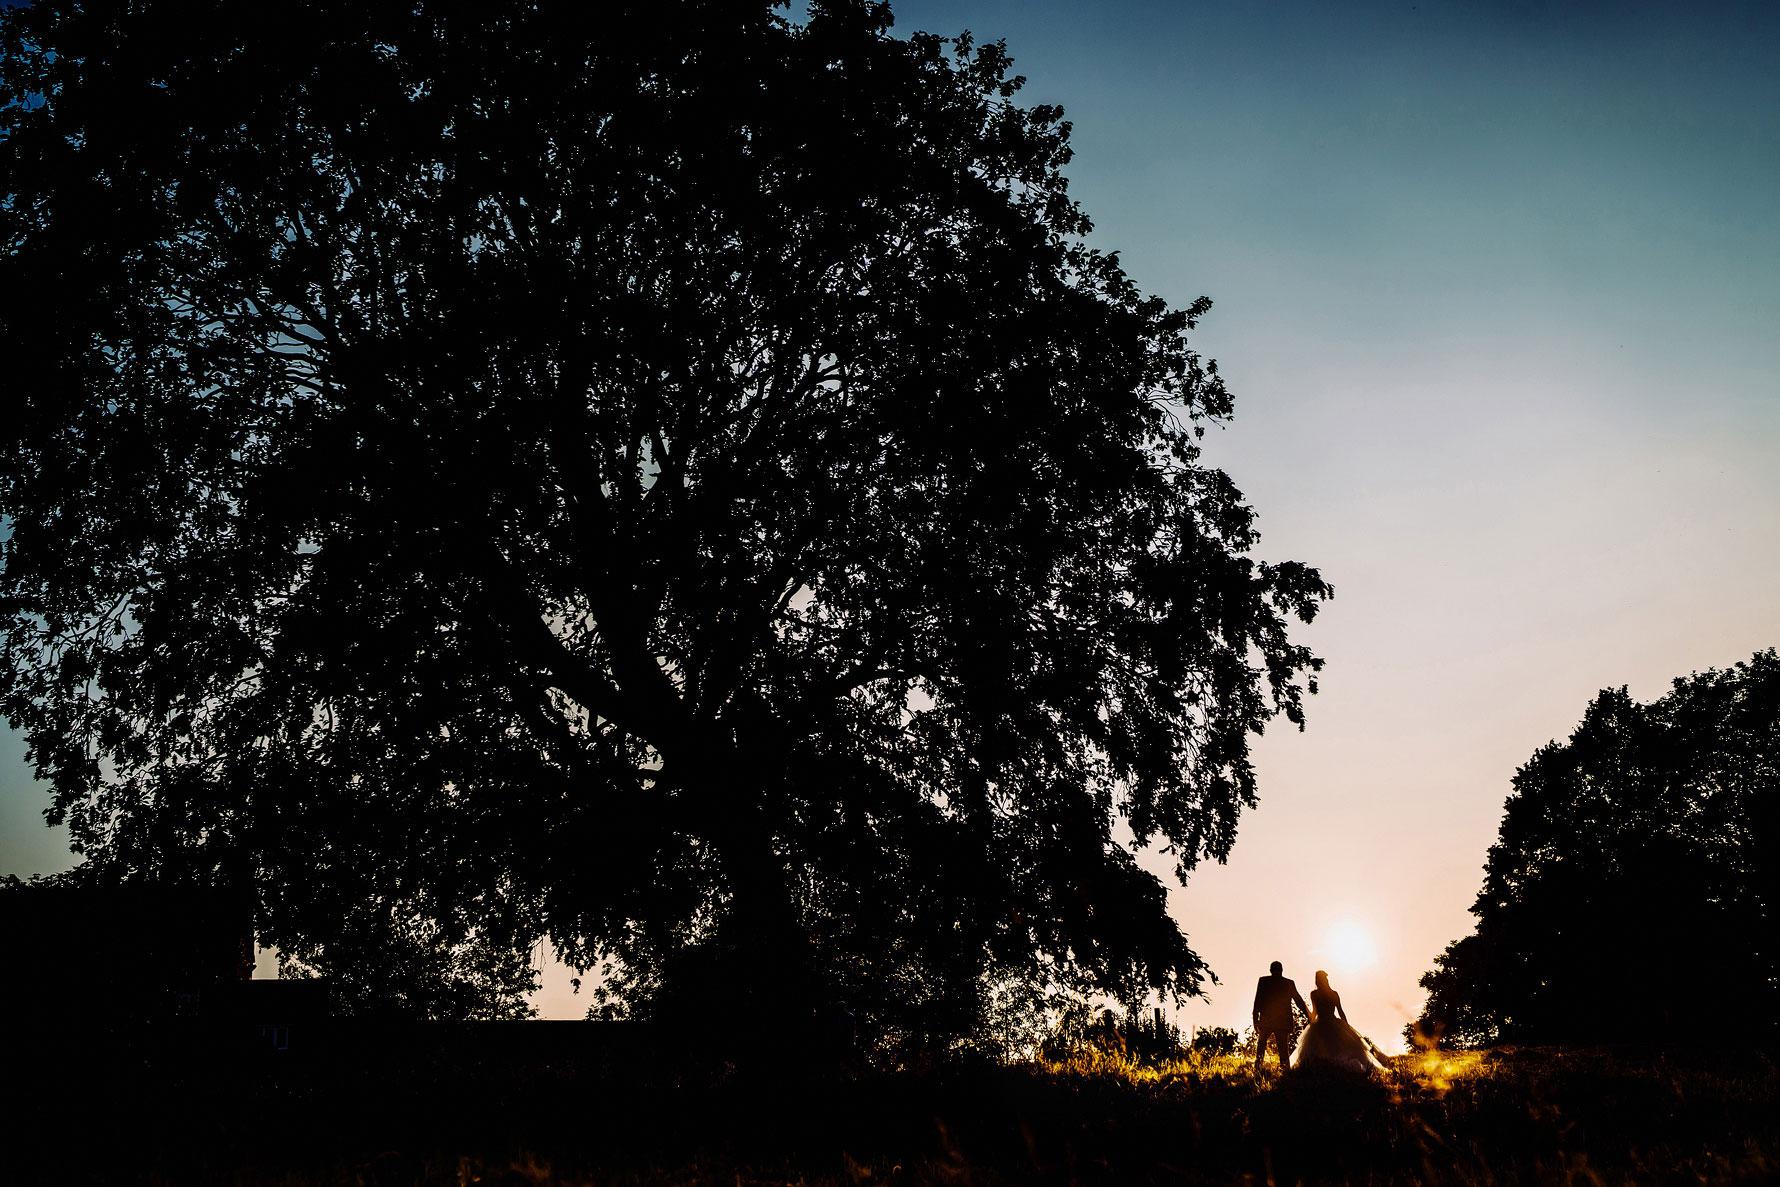 an artistic silhouette